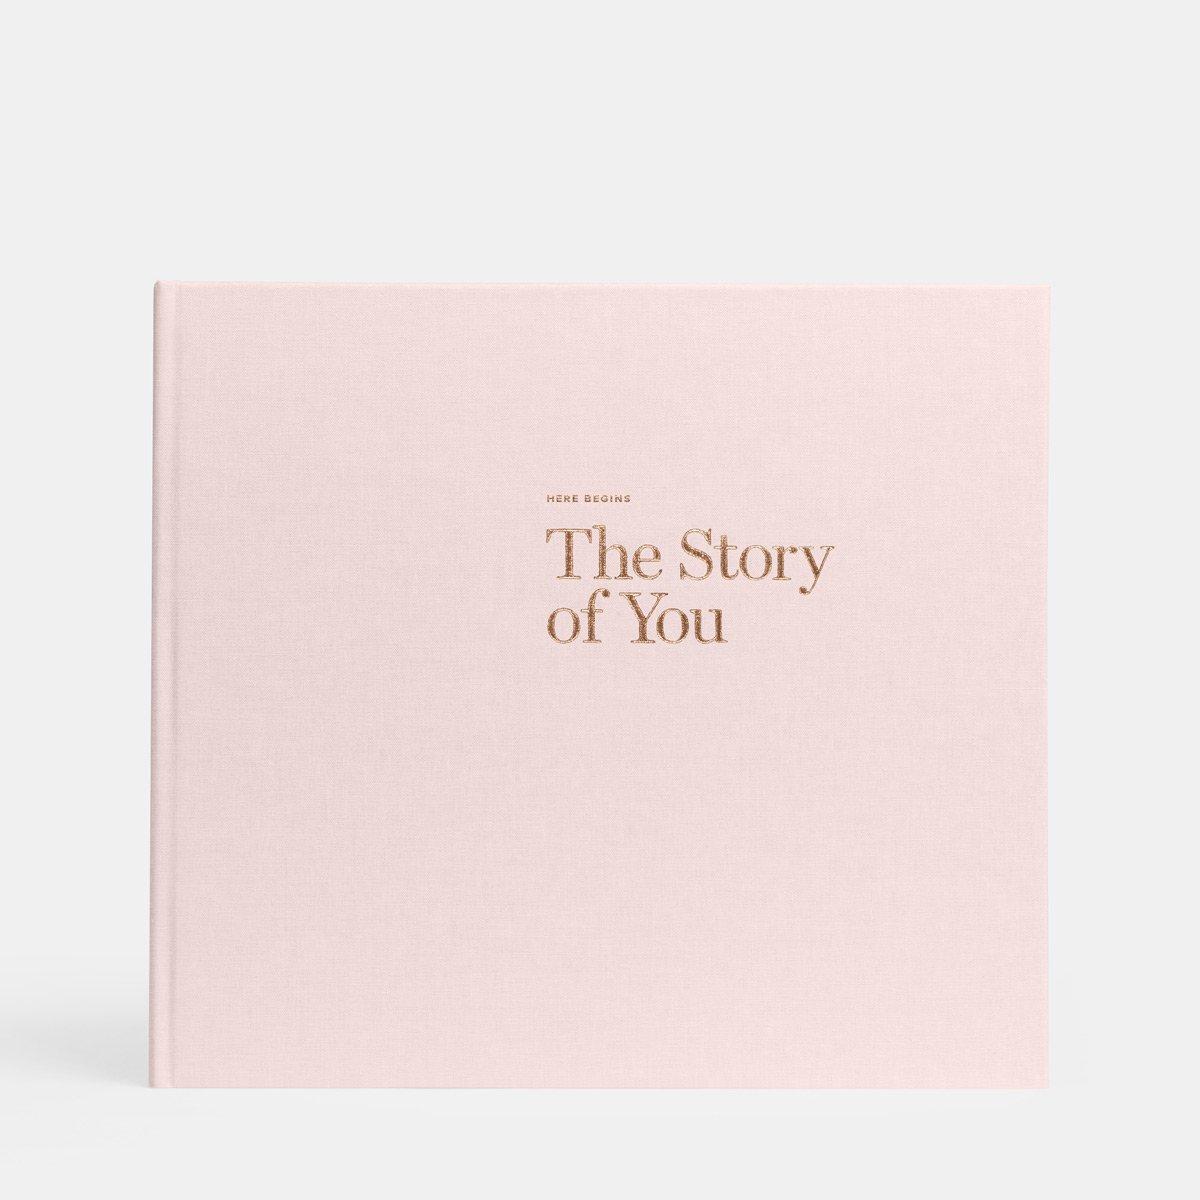 Artifact Uprising Baby Book Photo Album | Baby's First Year Memory Book (Blush Pink)